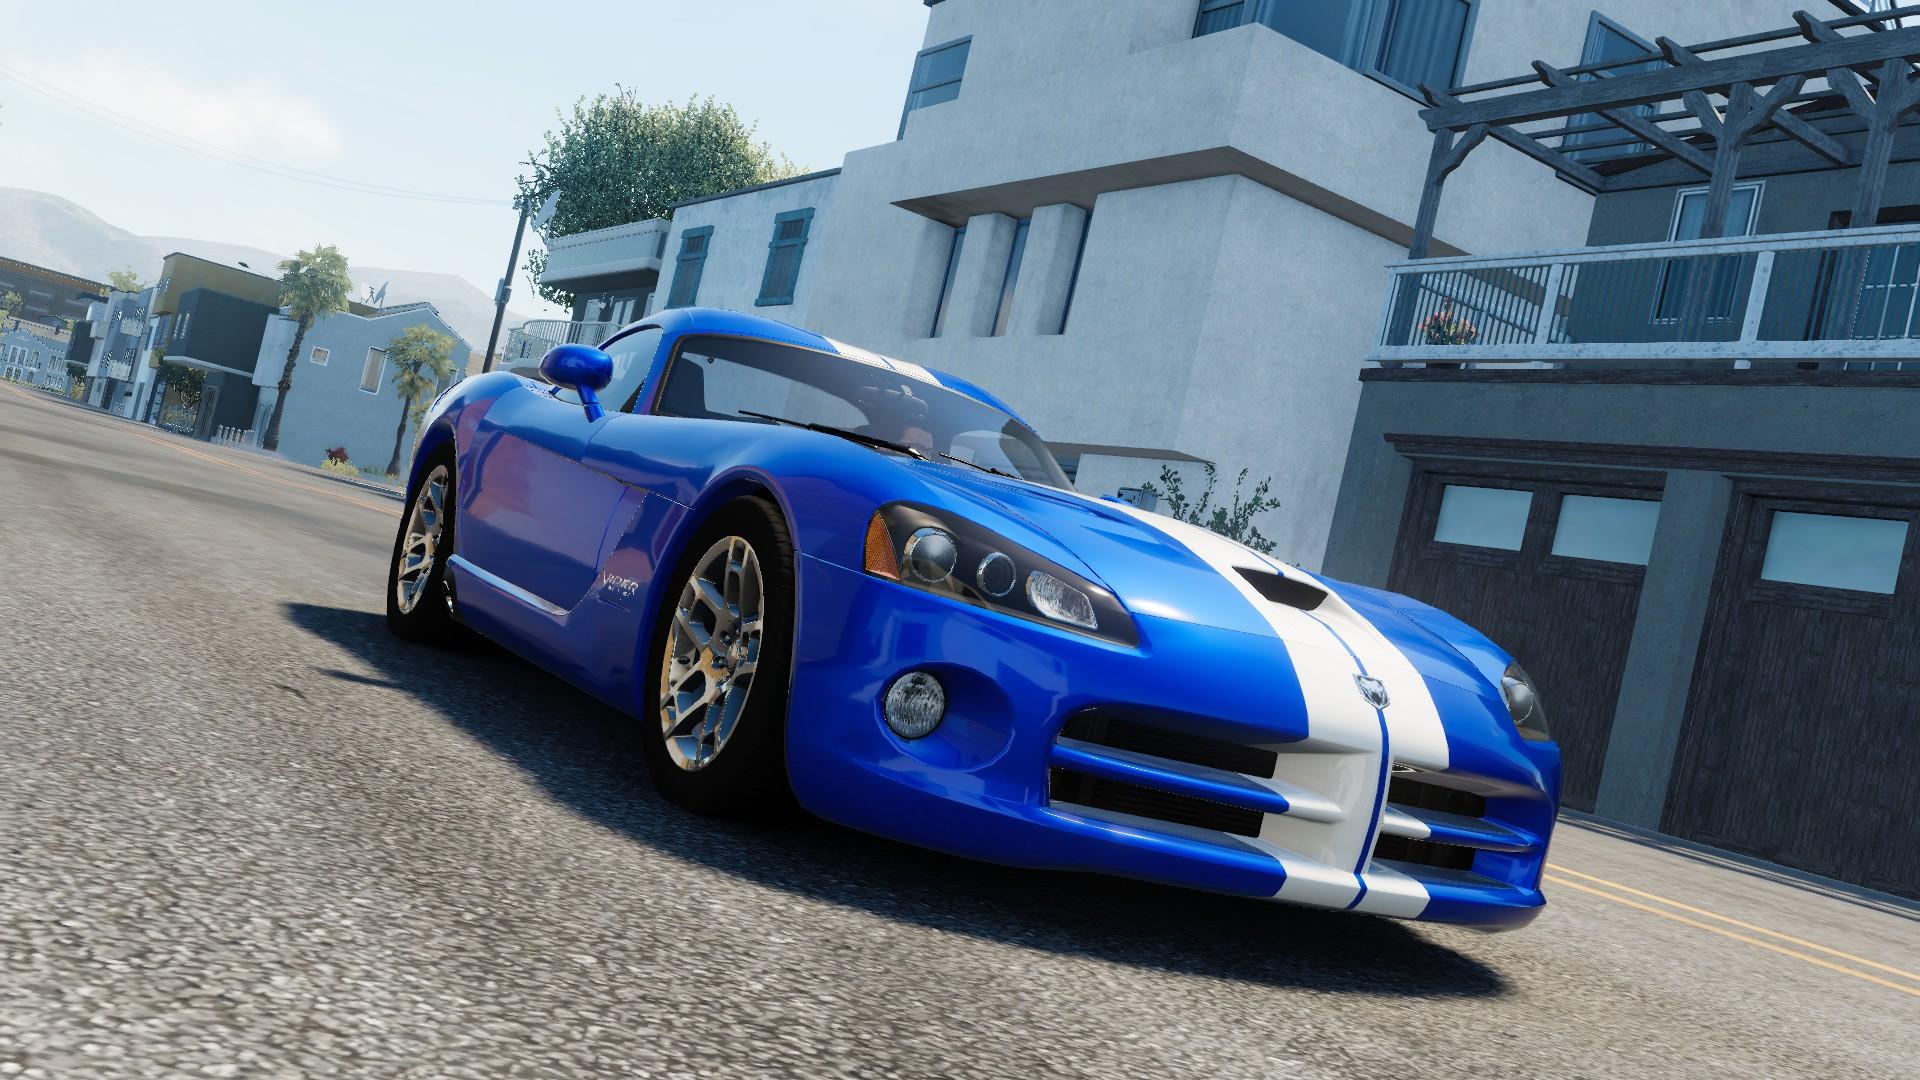 2010 Dodge Viper SRT-10 Coupe | THE CREW Wiki | FANDOM ...